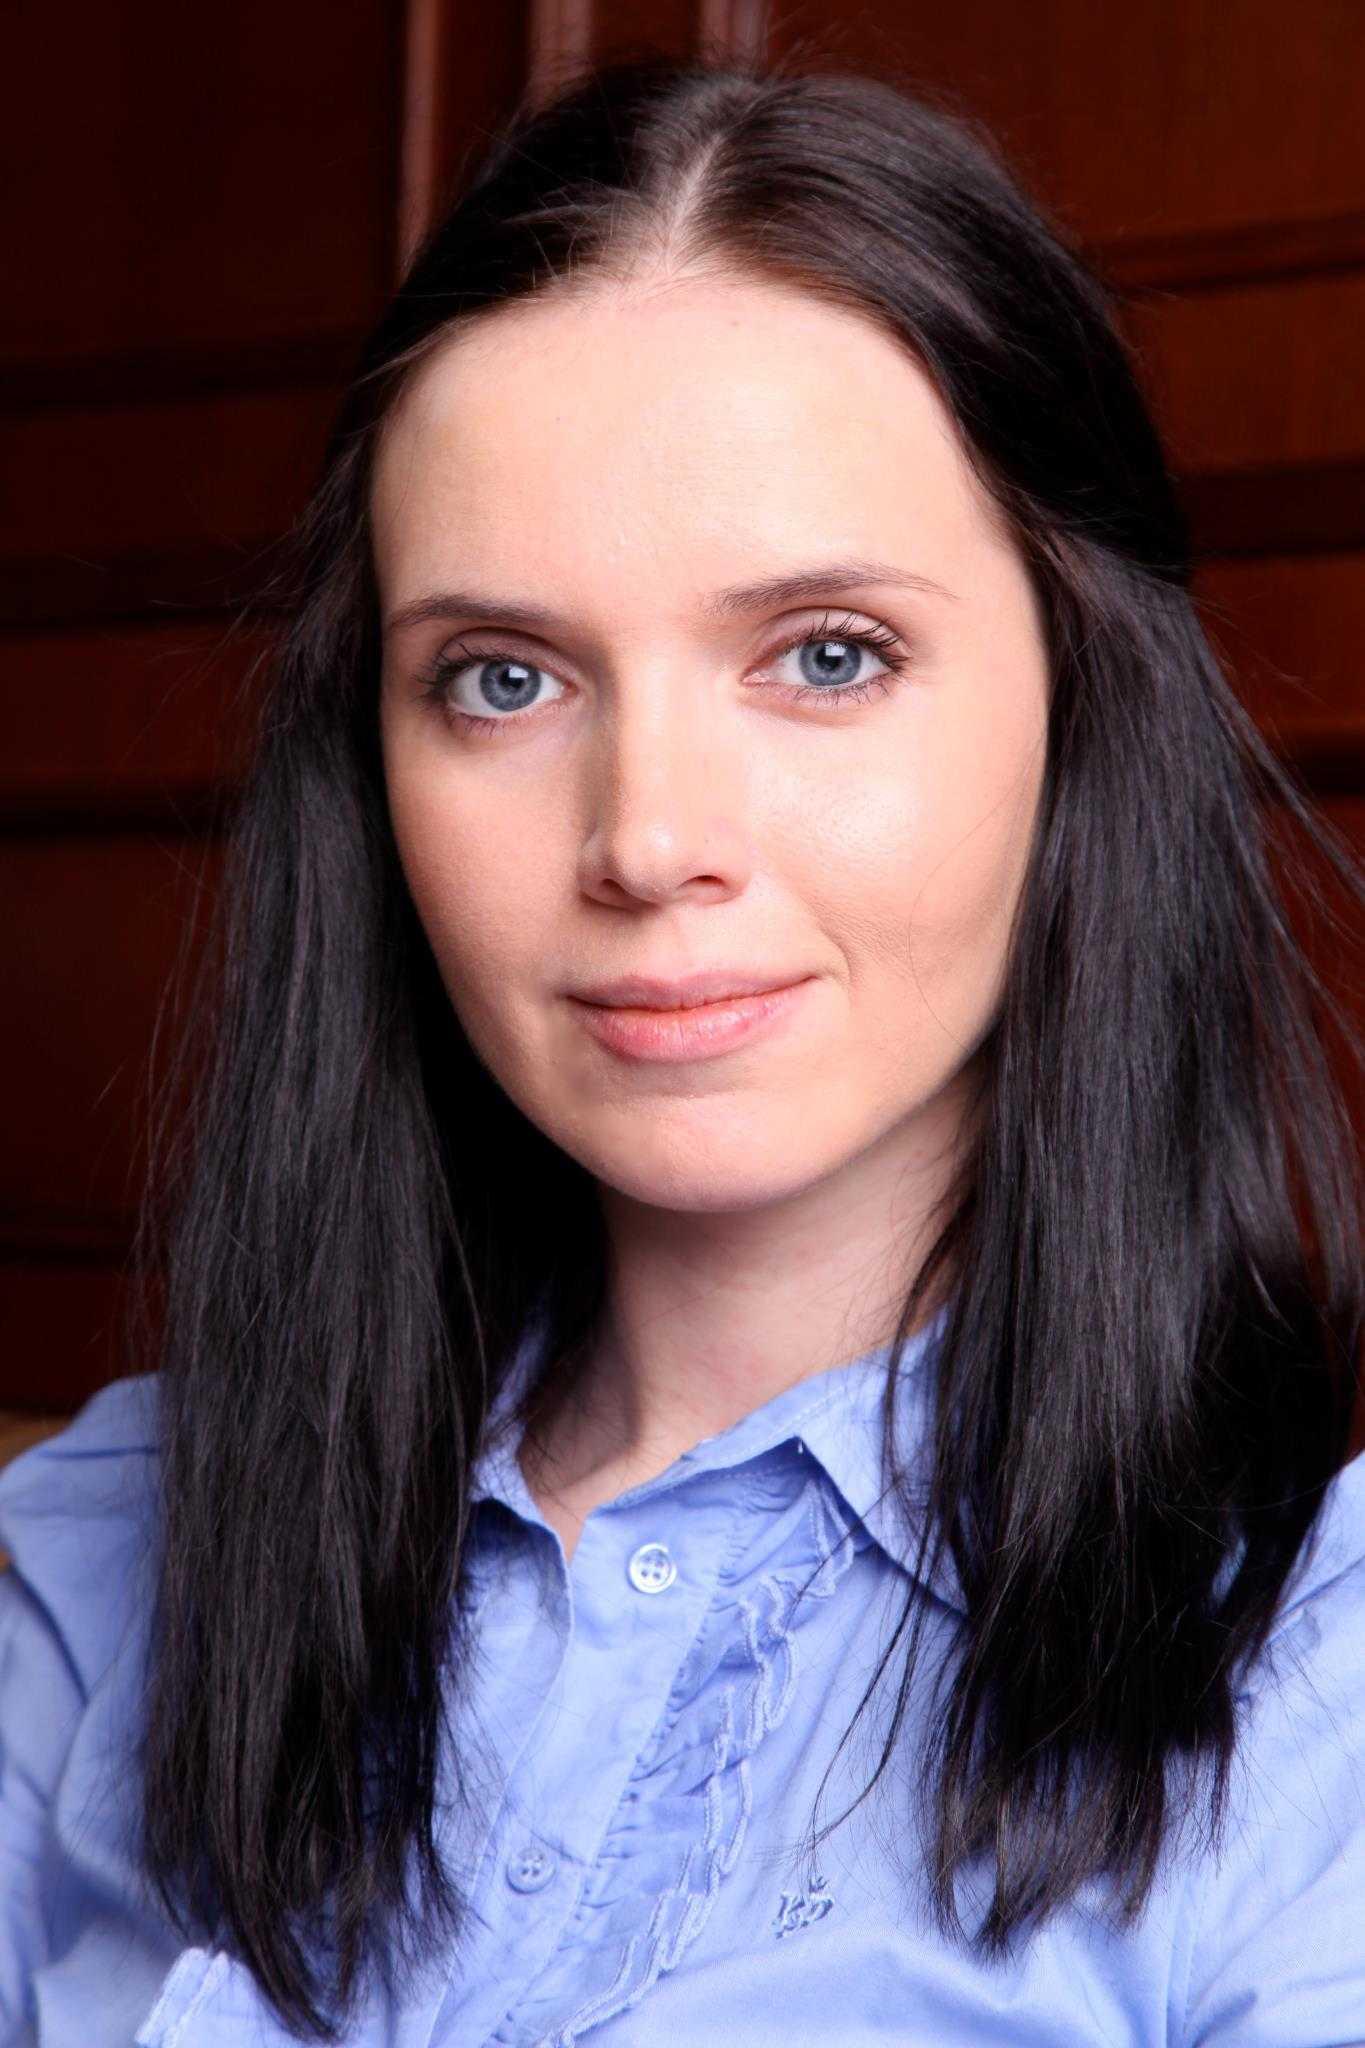 Украинская телеведущая Янина Соколова